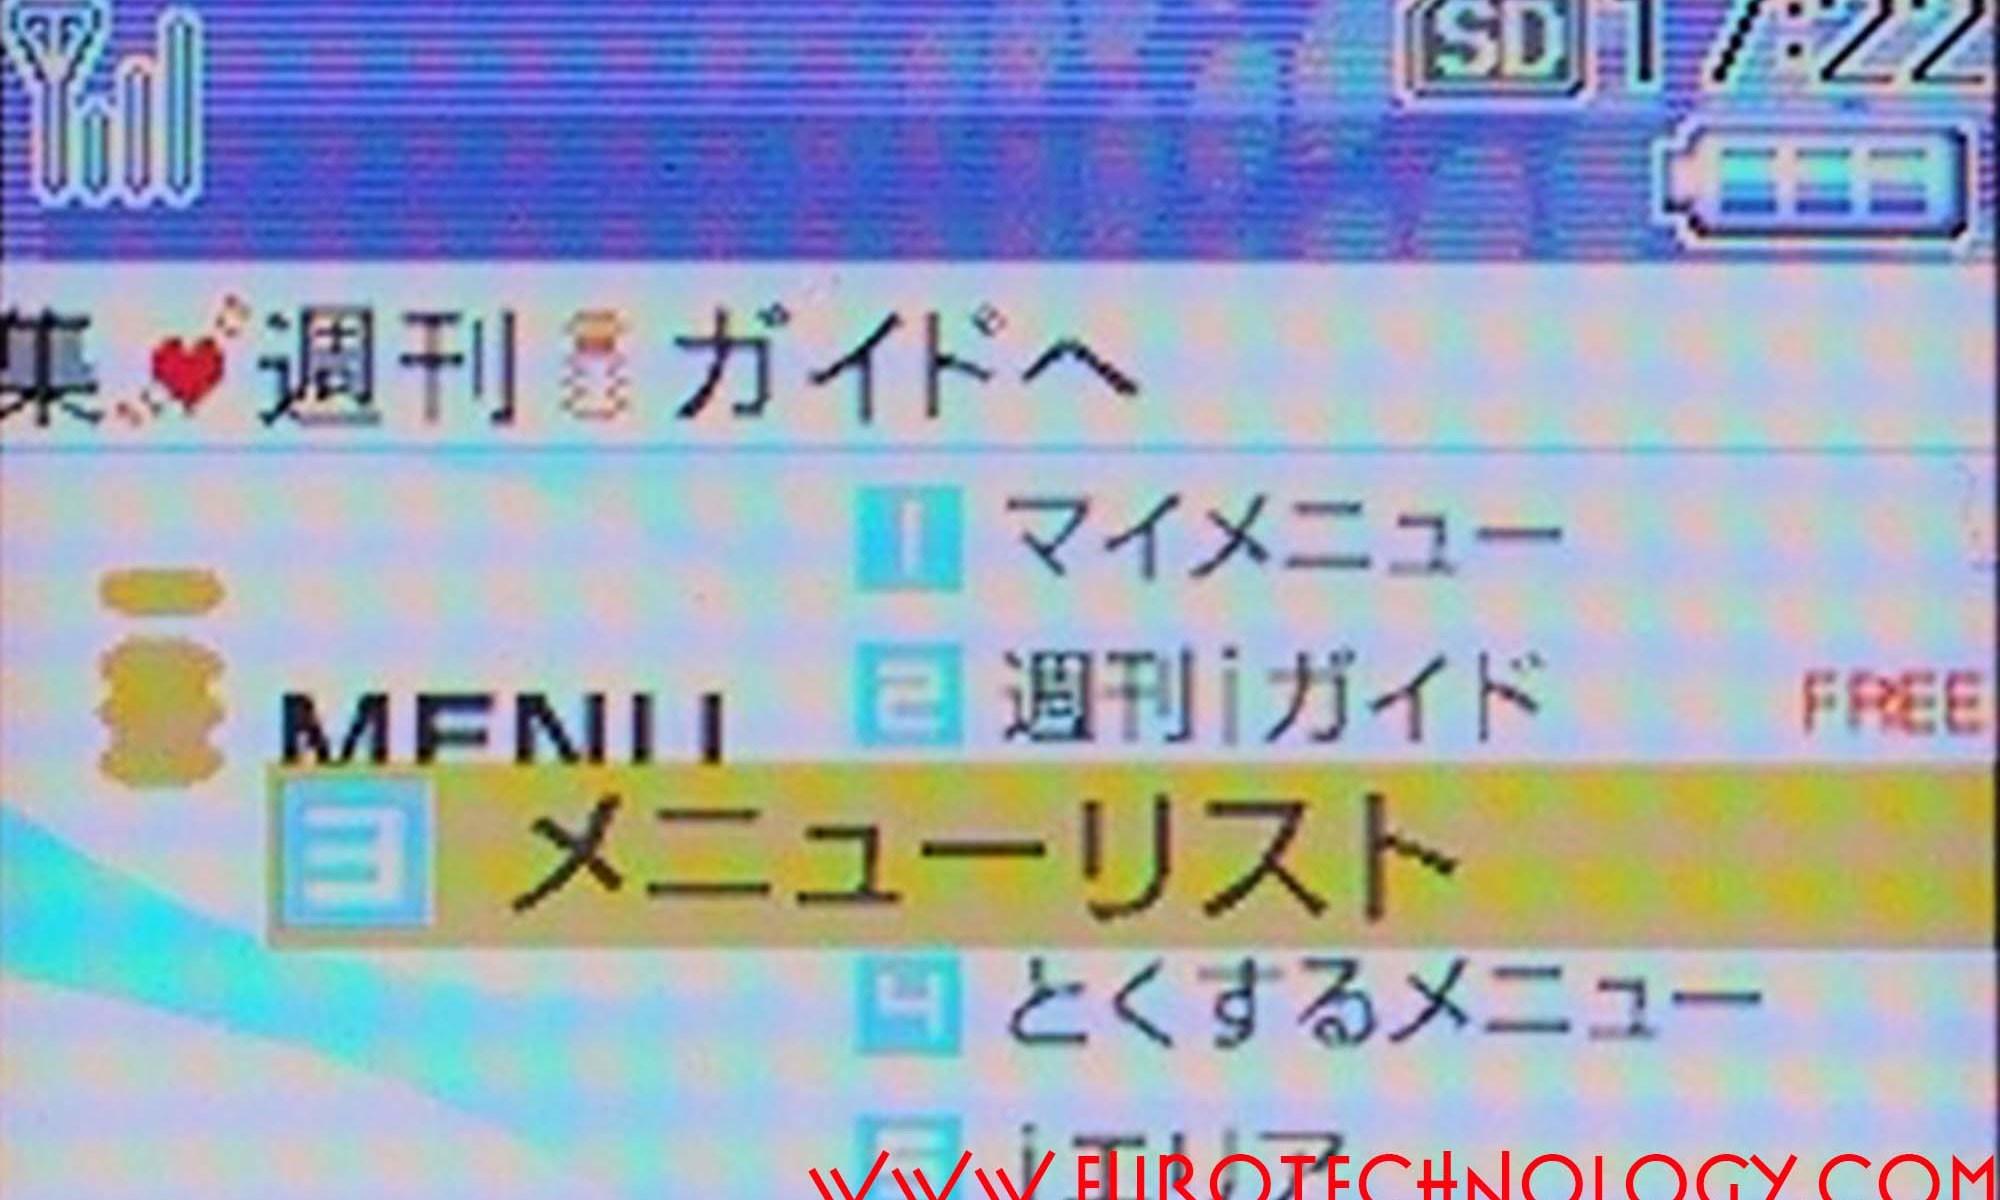 i-mode menu NTT docomo